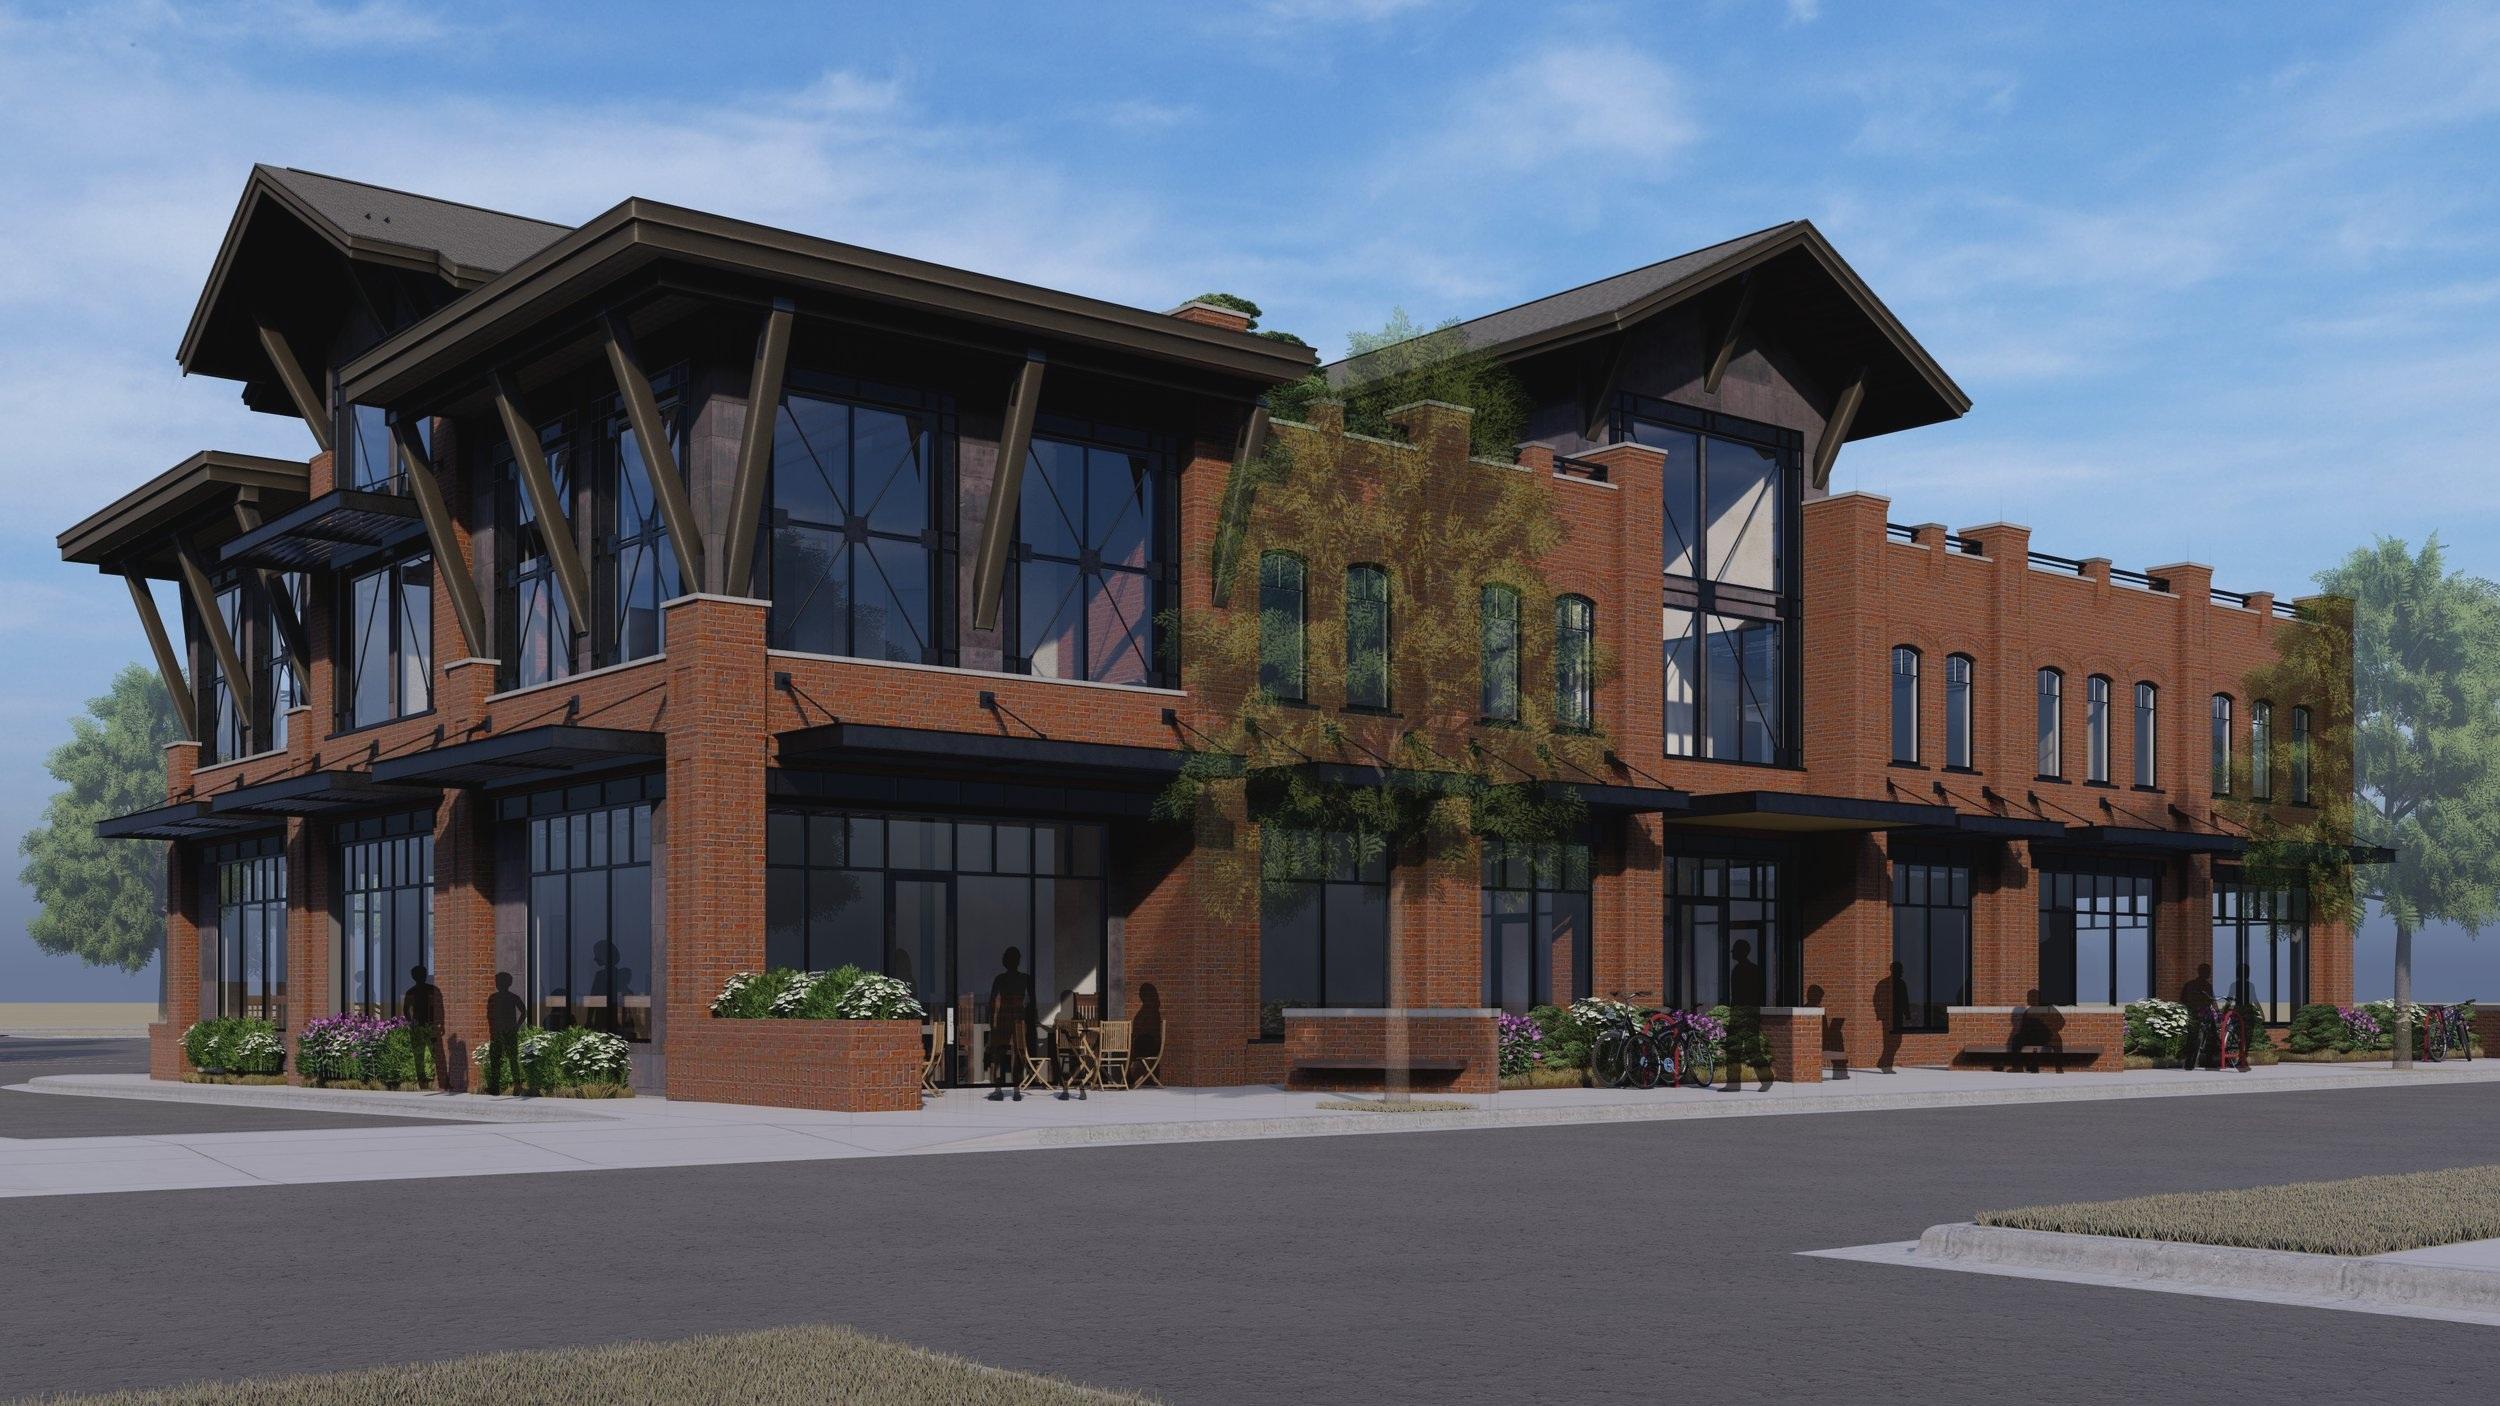 Commercial Building at Ferguson Farm